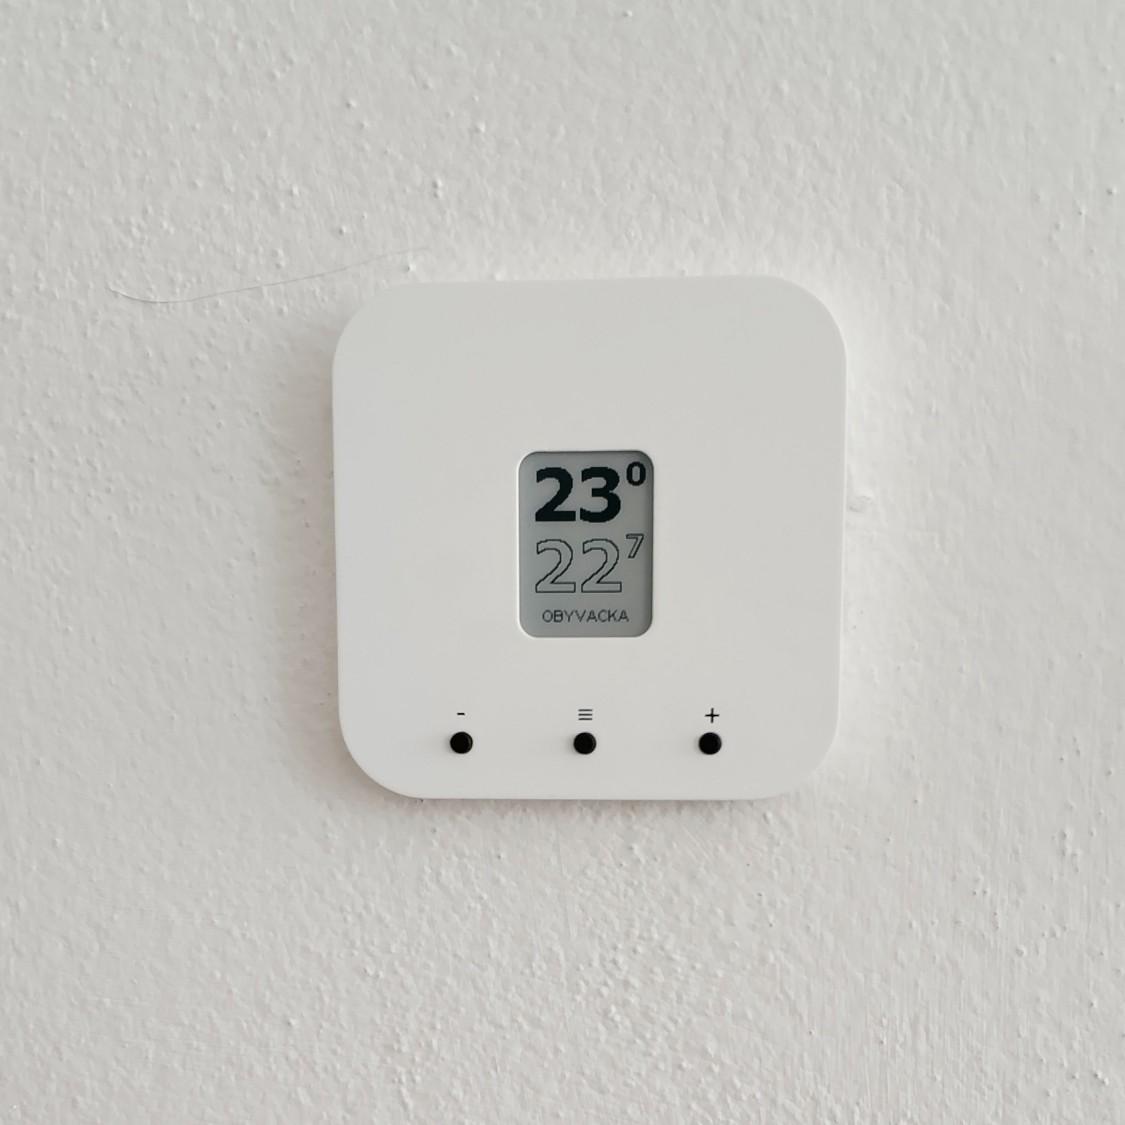 TapHome - Multi-zónový ovládač. Dom ešte nie je pripojený na NET - ovládanie teplôt, žalúzií a režimu priamo cez panel